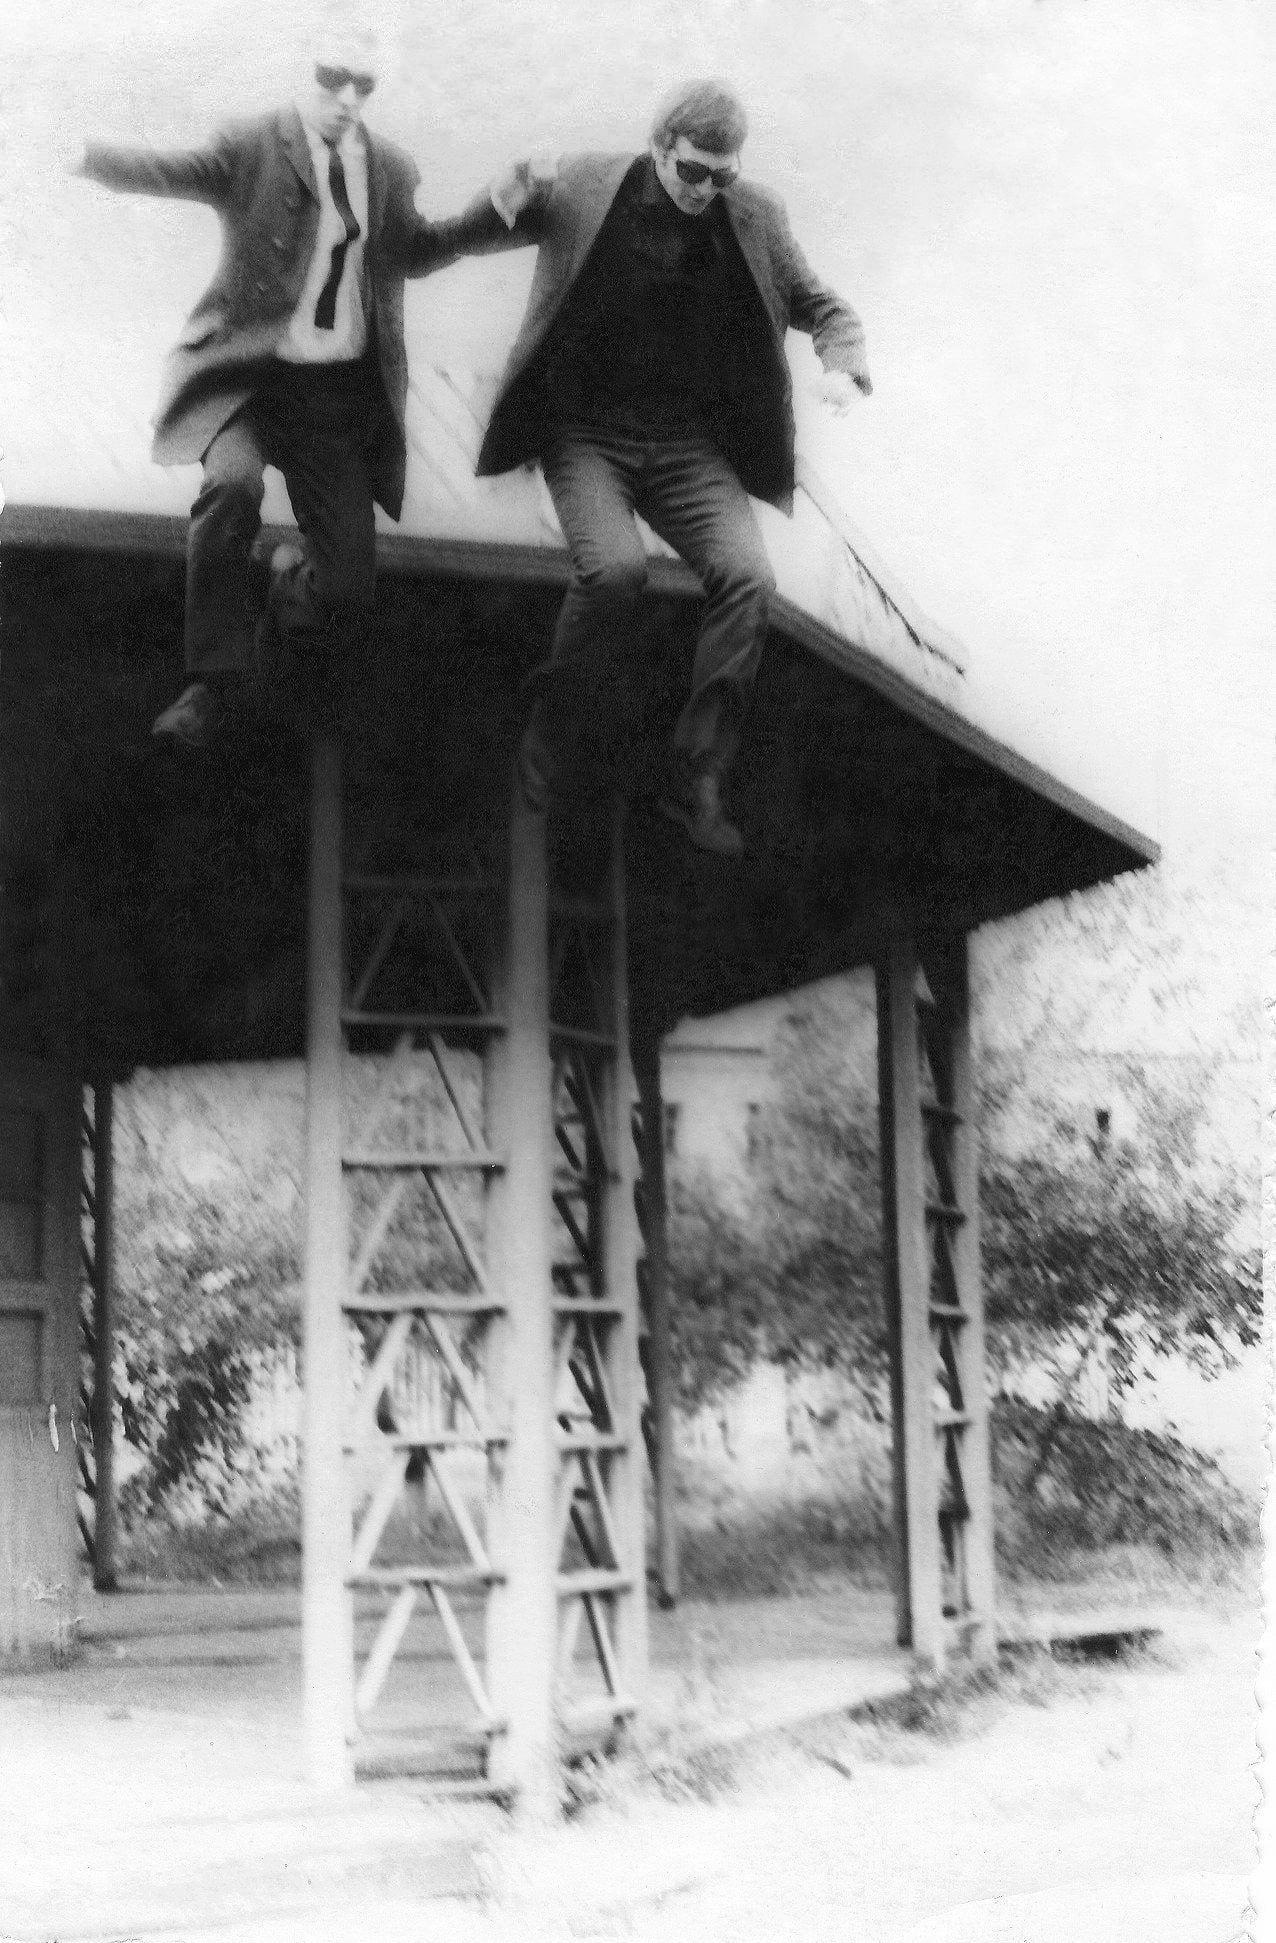 Владимир Кобзев, Юрий Мешковский. Прыжок в полноту. Волгоград, Заканалье, 1967